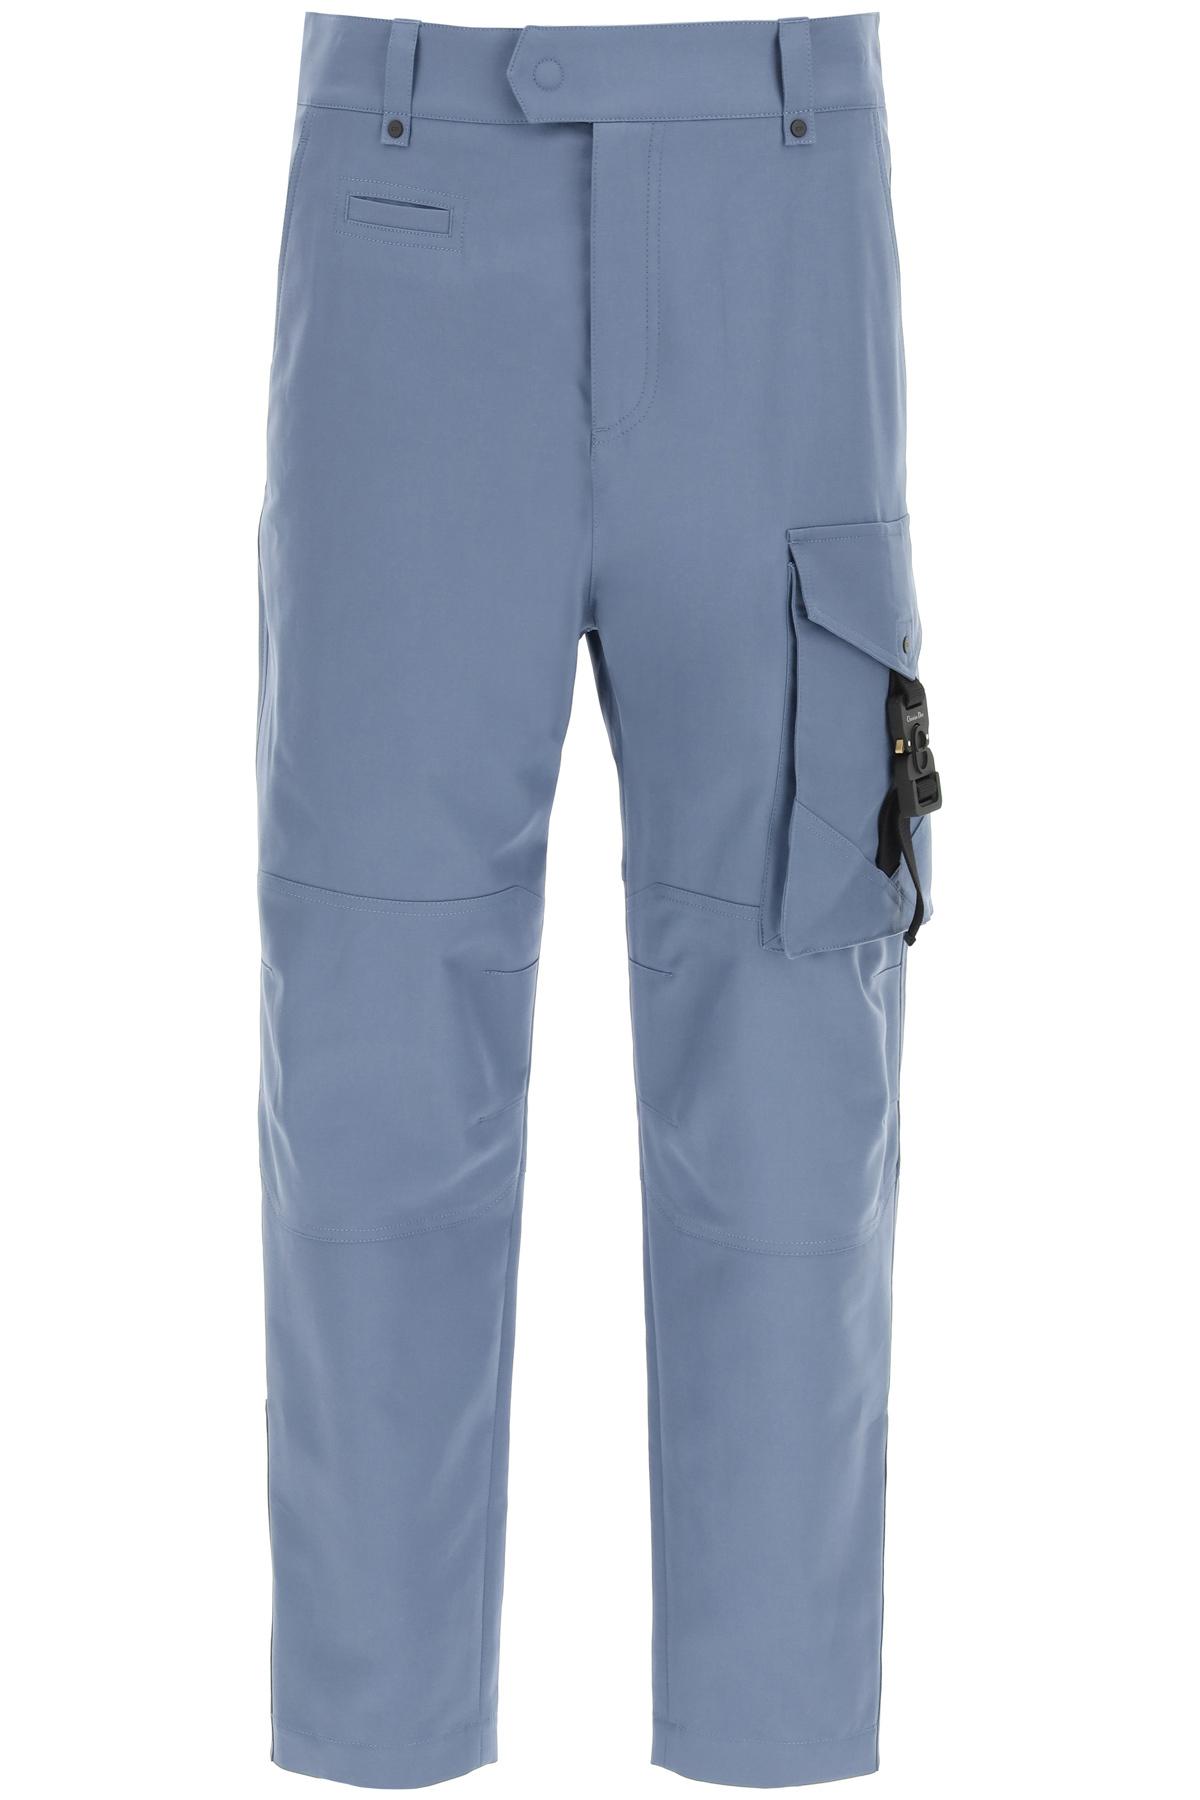 Dior pantaloni cargo con fibbia cd